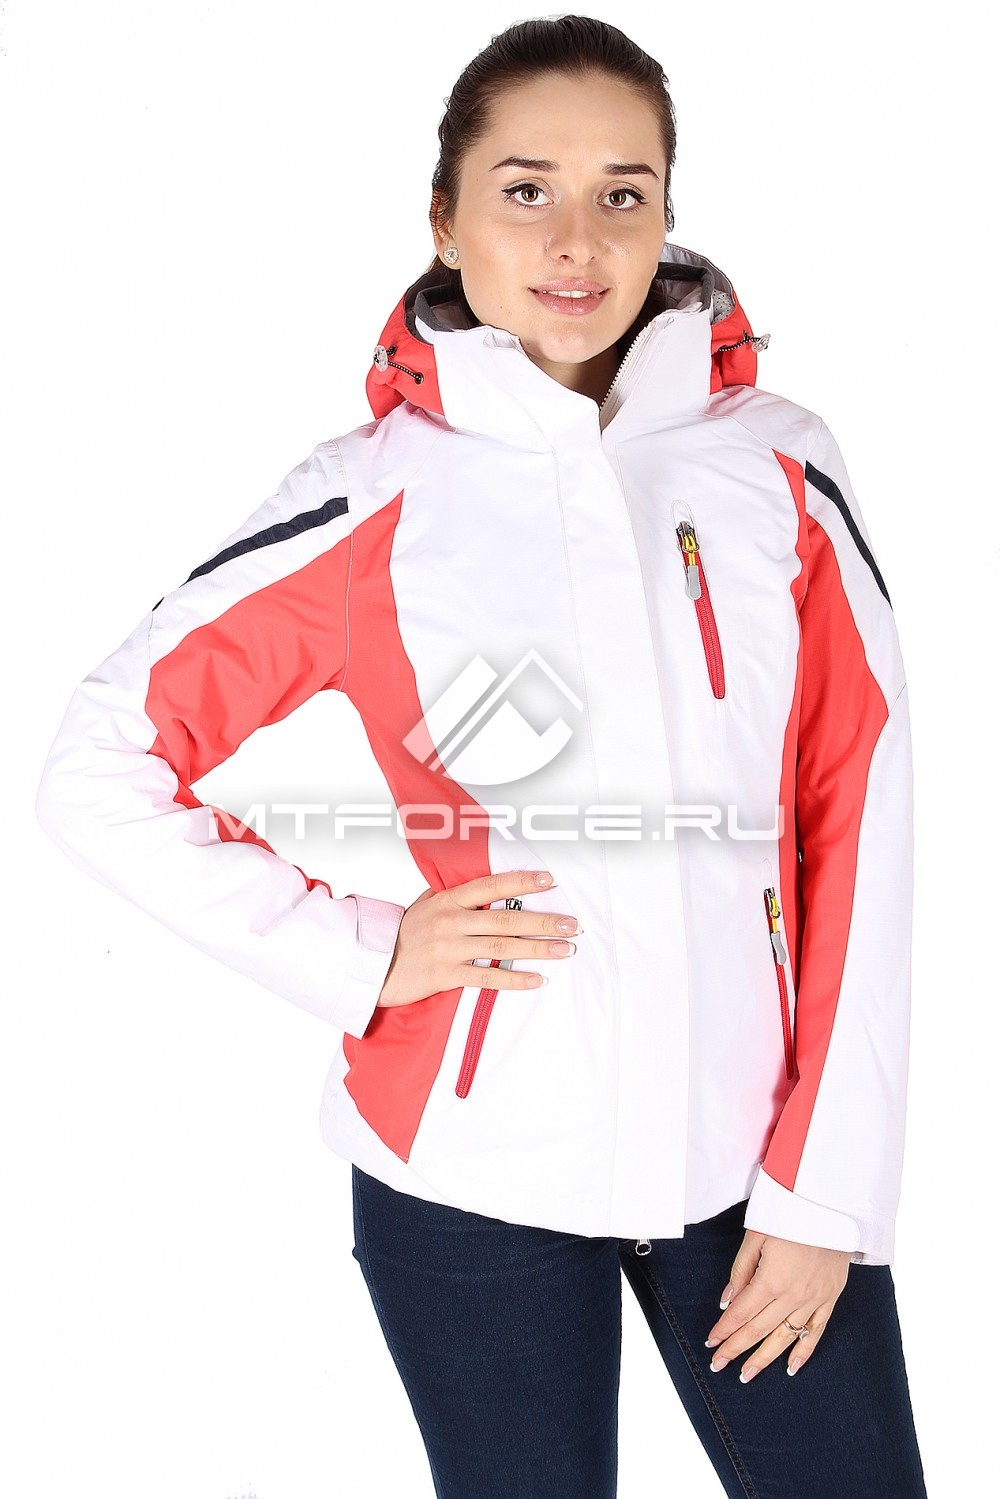 Купить                                  оптом Куртка спортивная женская весна бело-красного цвета 930BK